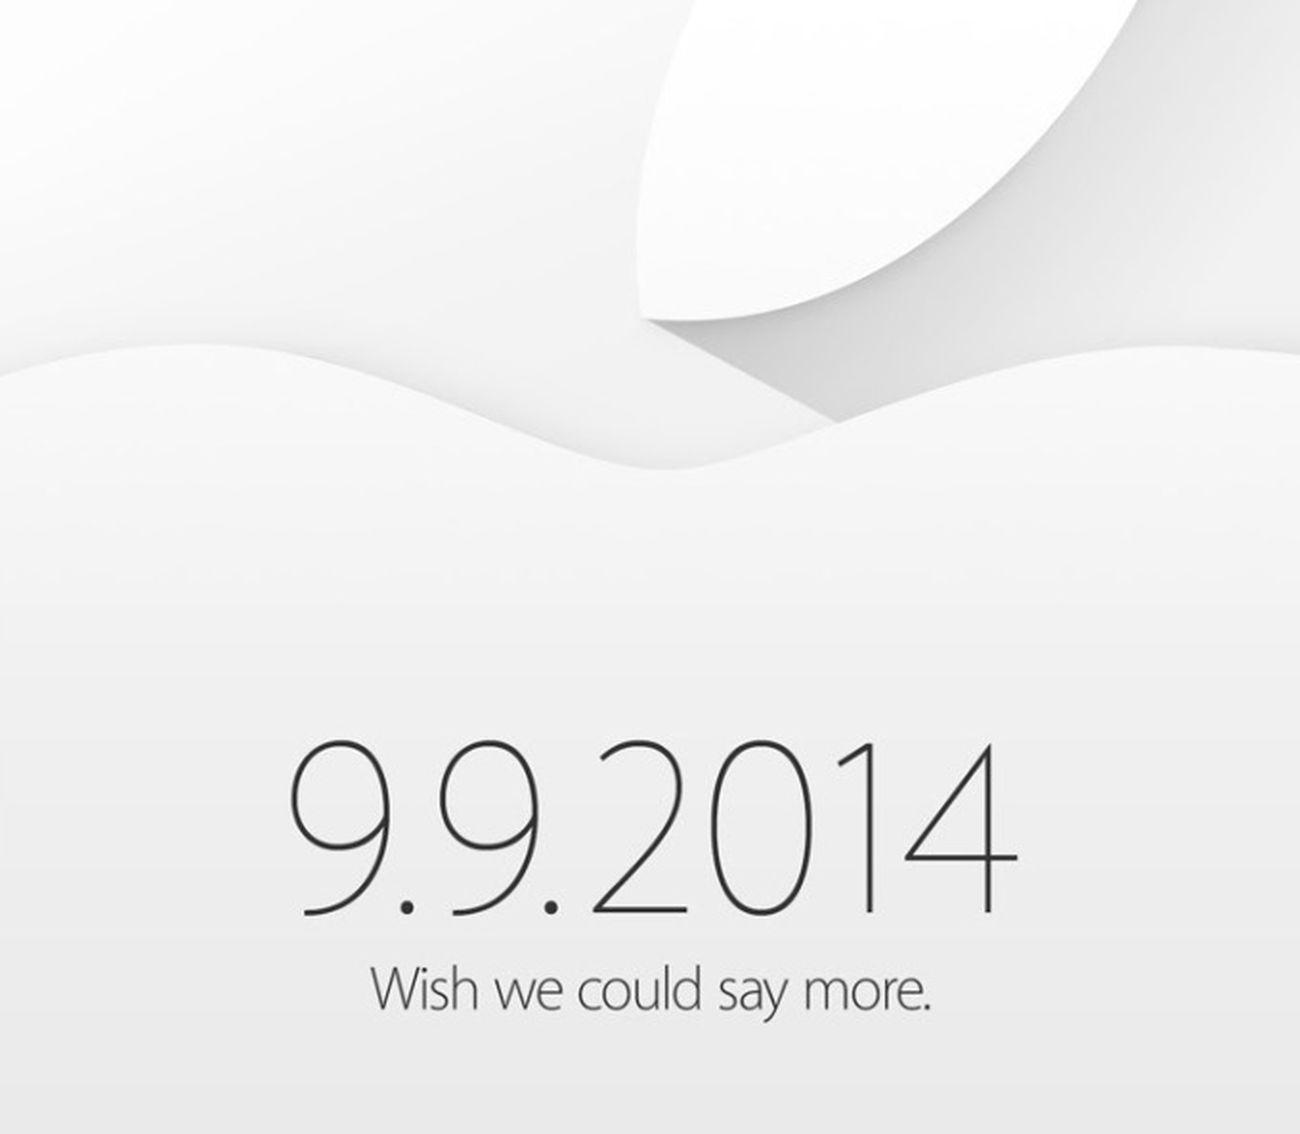 A sólo unas horas para que de inicio la Keynote de apple!! ????⌚️?? Keynote Apple Iphone 6 Presentation